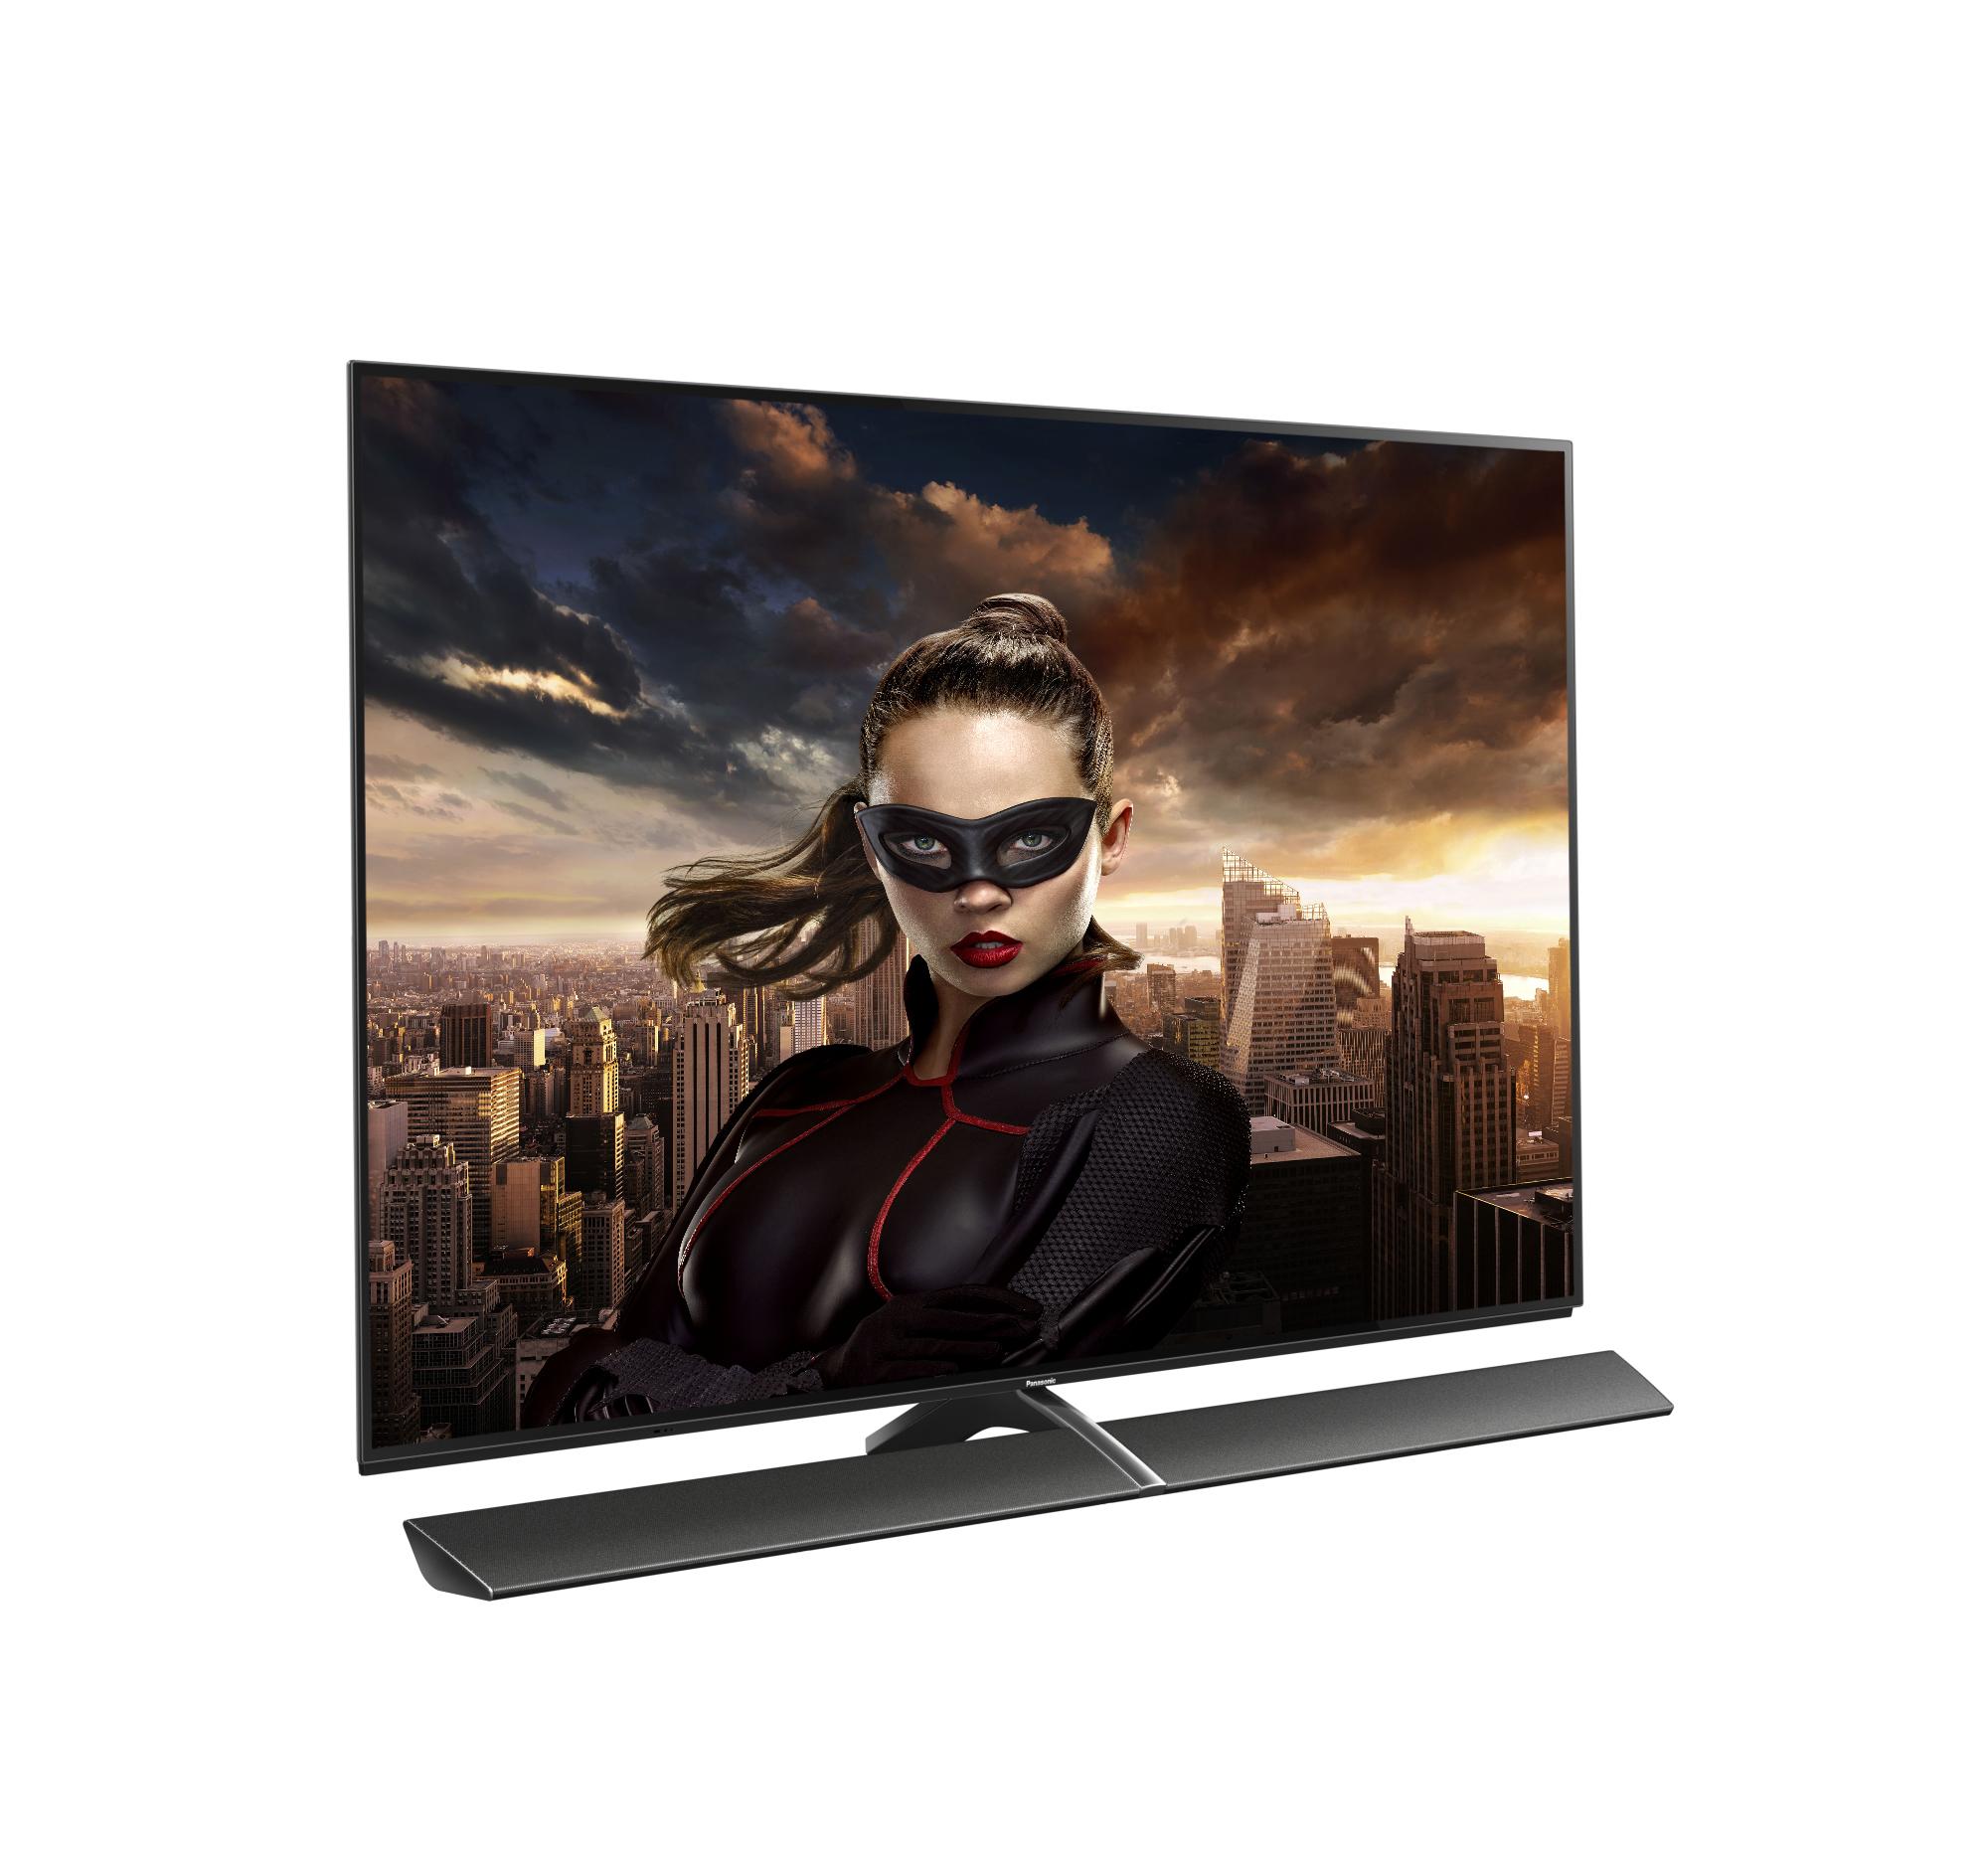 CES 2017 : Panasonic dévoile un TV 4K OLED HDR de nouvelle génération